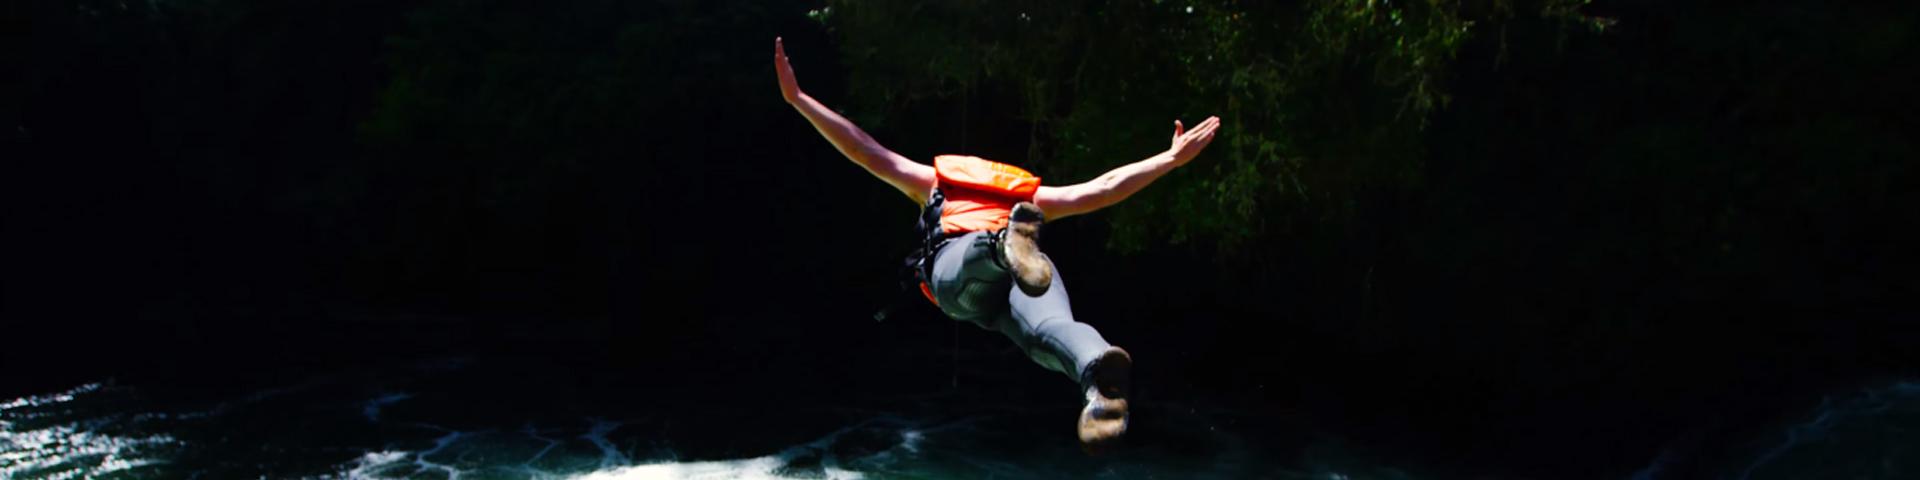 DevinSupertramp in NZ | Hyera Adventure